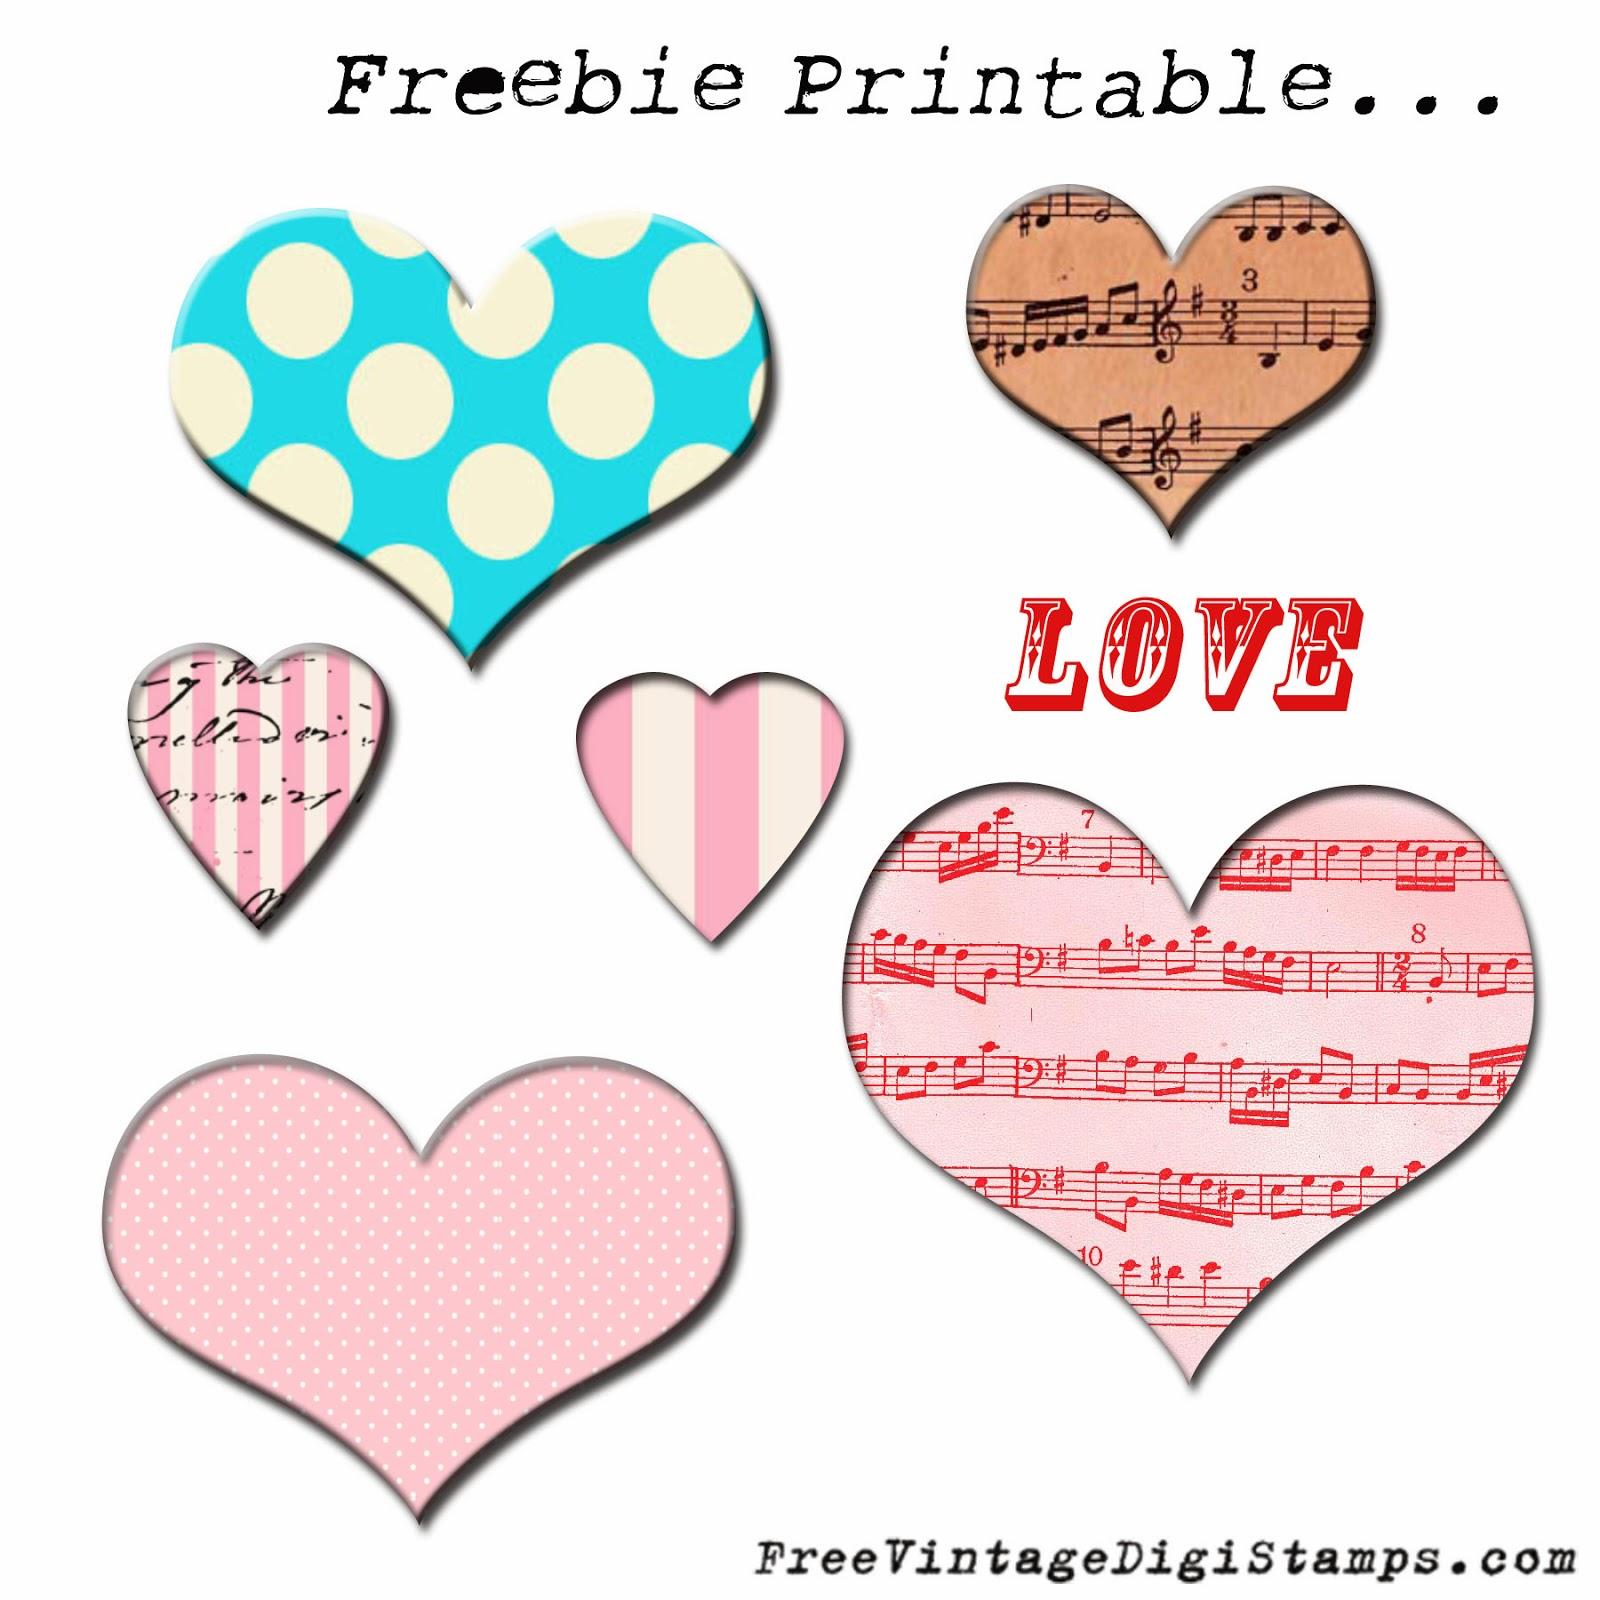 **FREE ViNTaGE DiGiTaL STaMPS**: Freebie Printable - Hearts